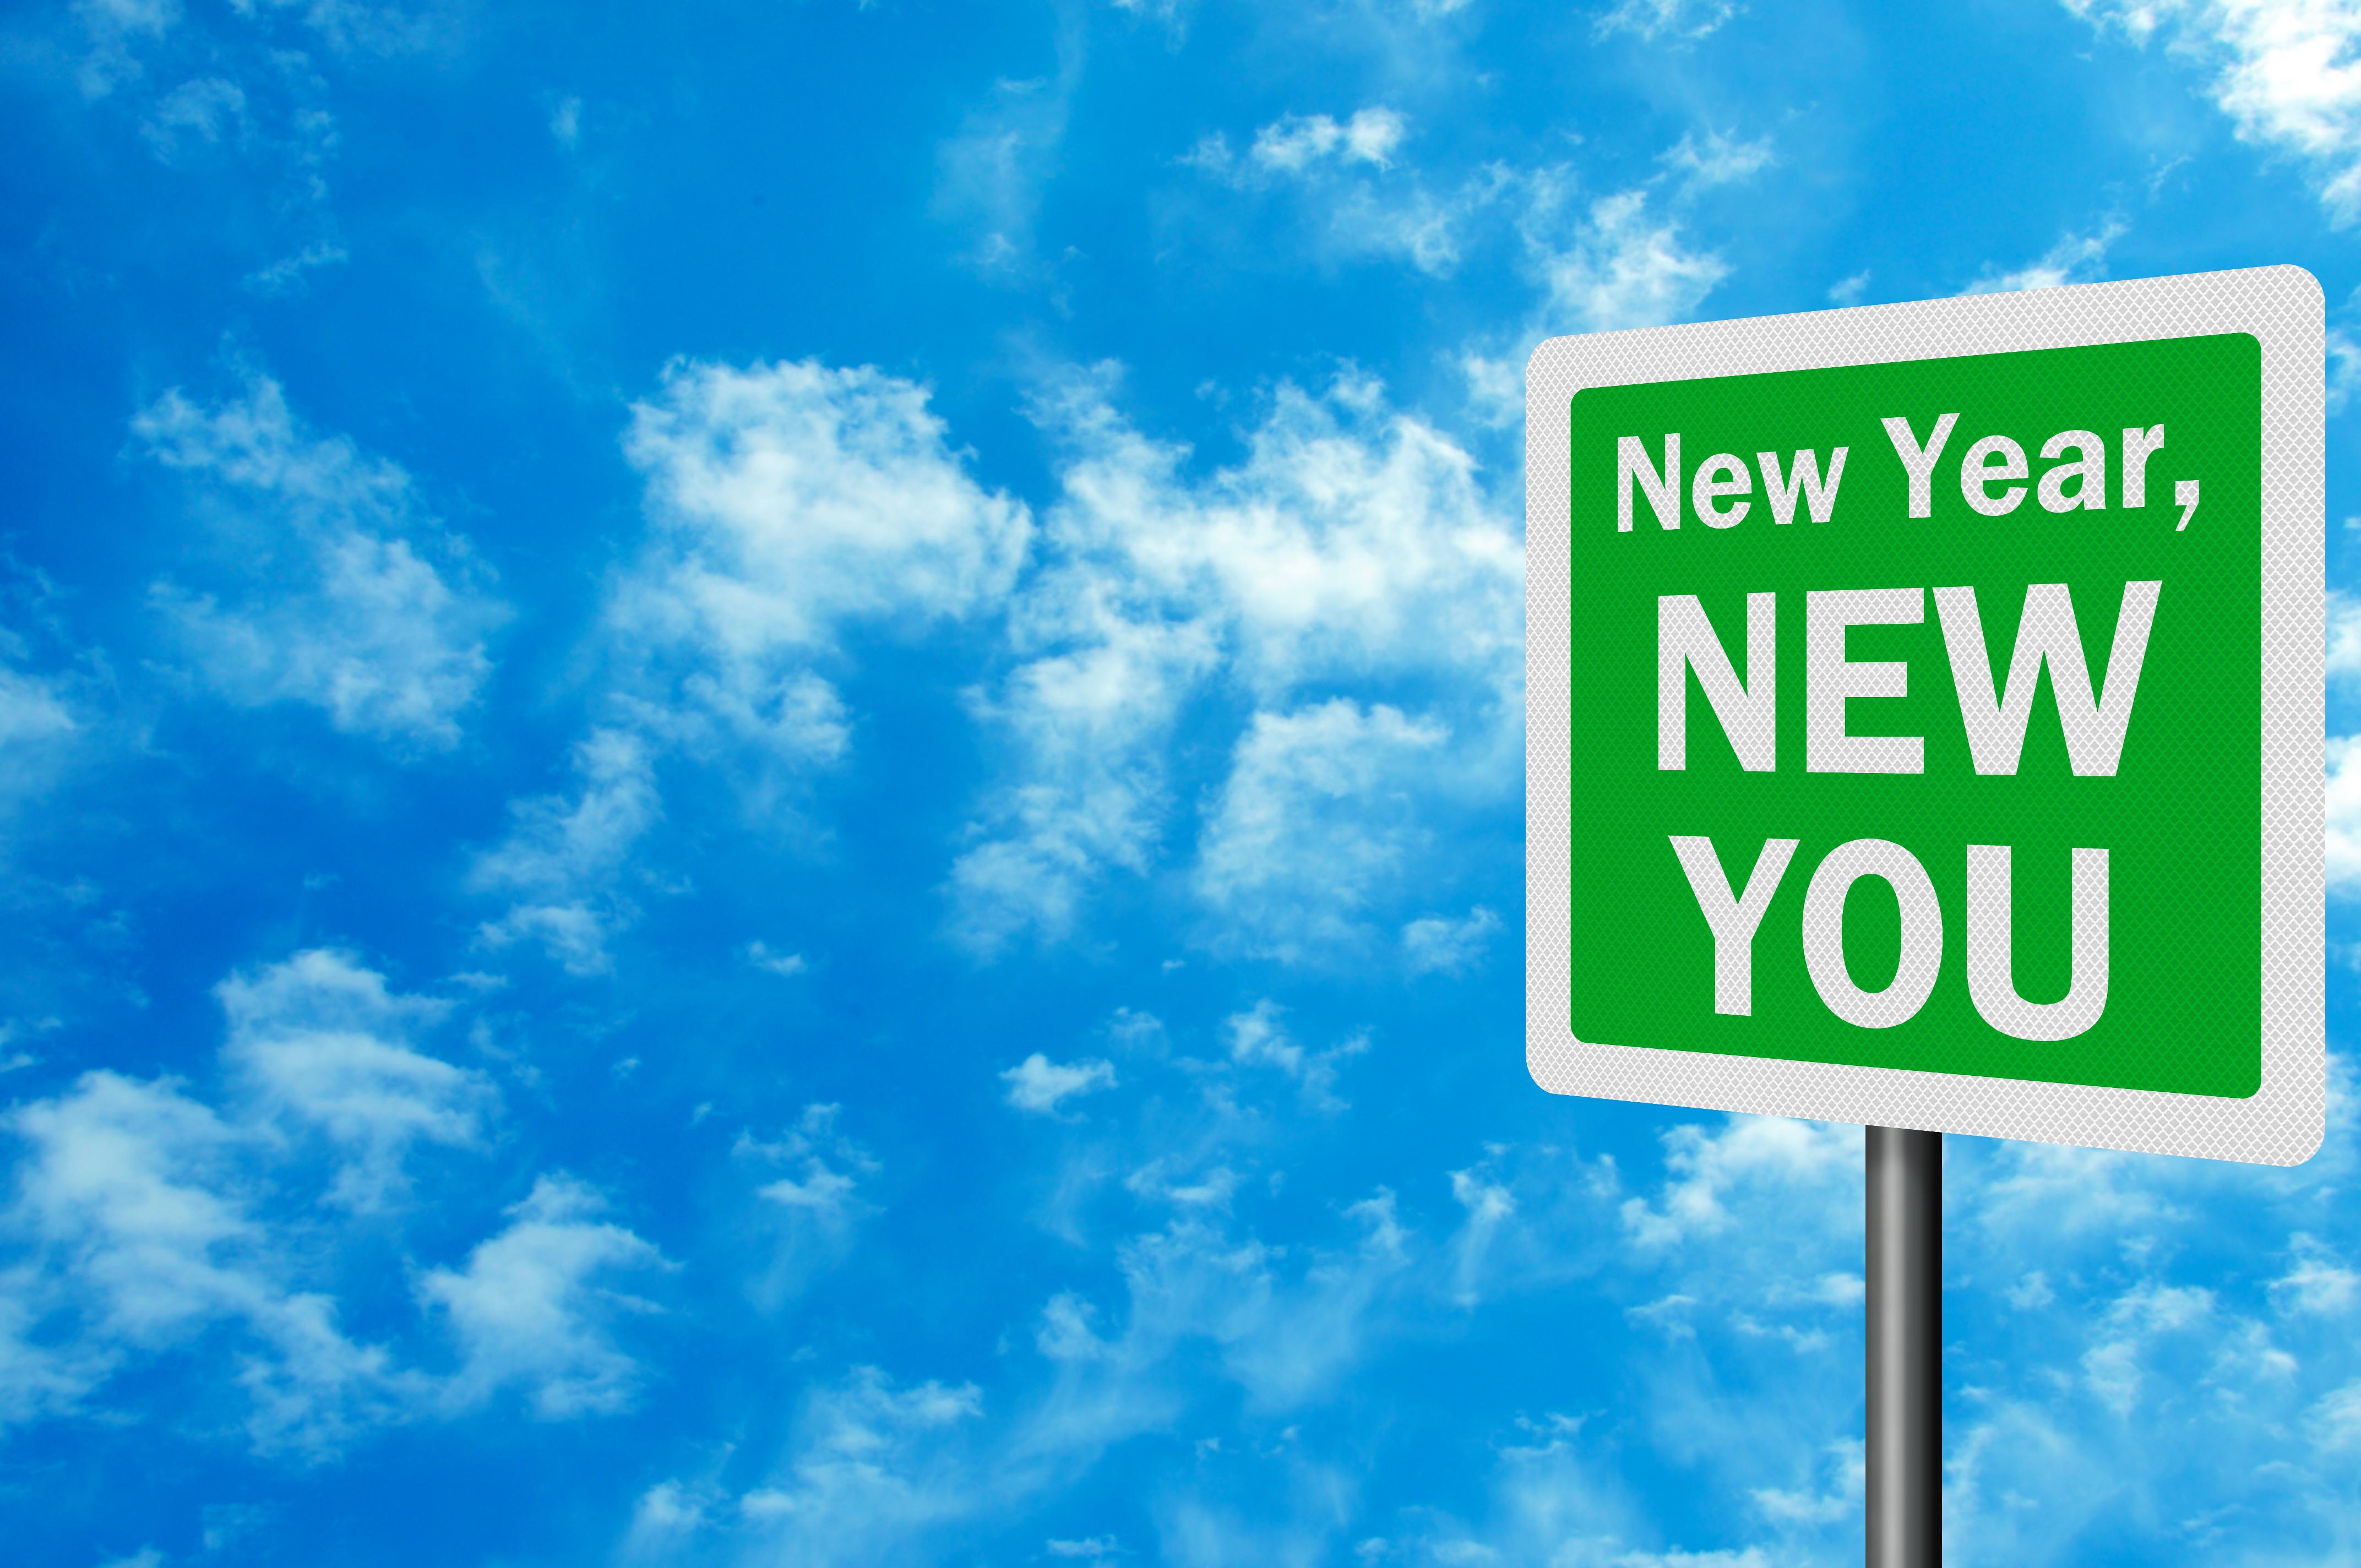 С нового года новая жизнь картинки